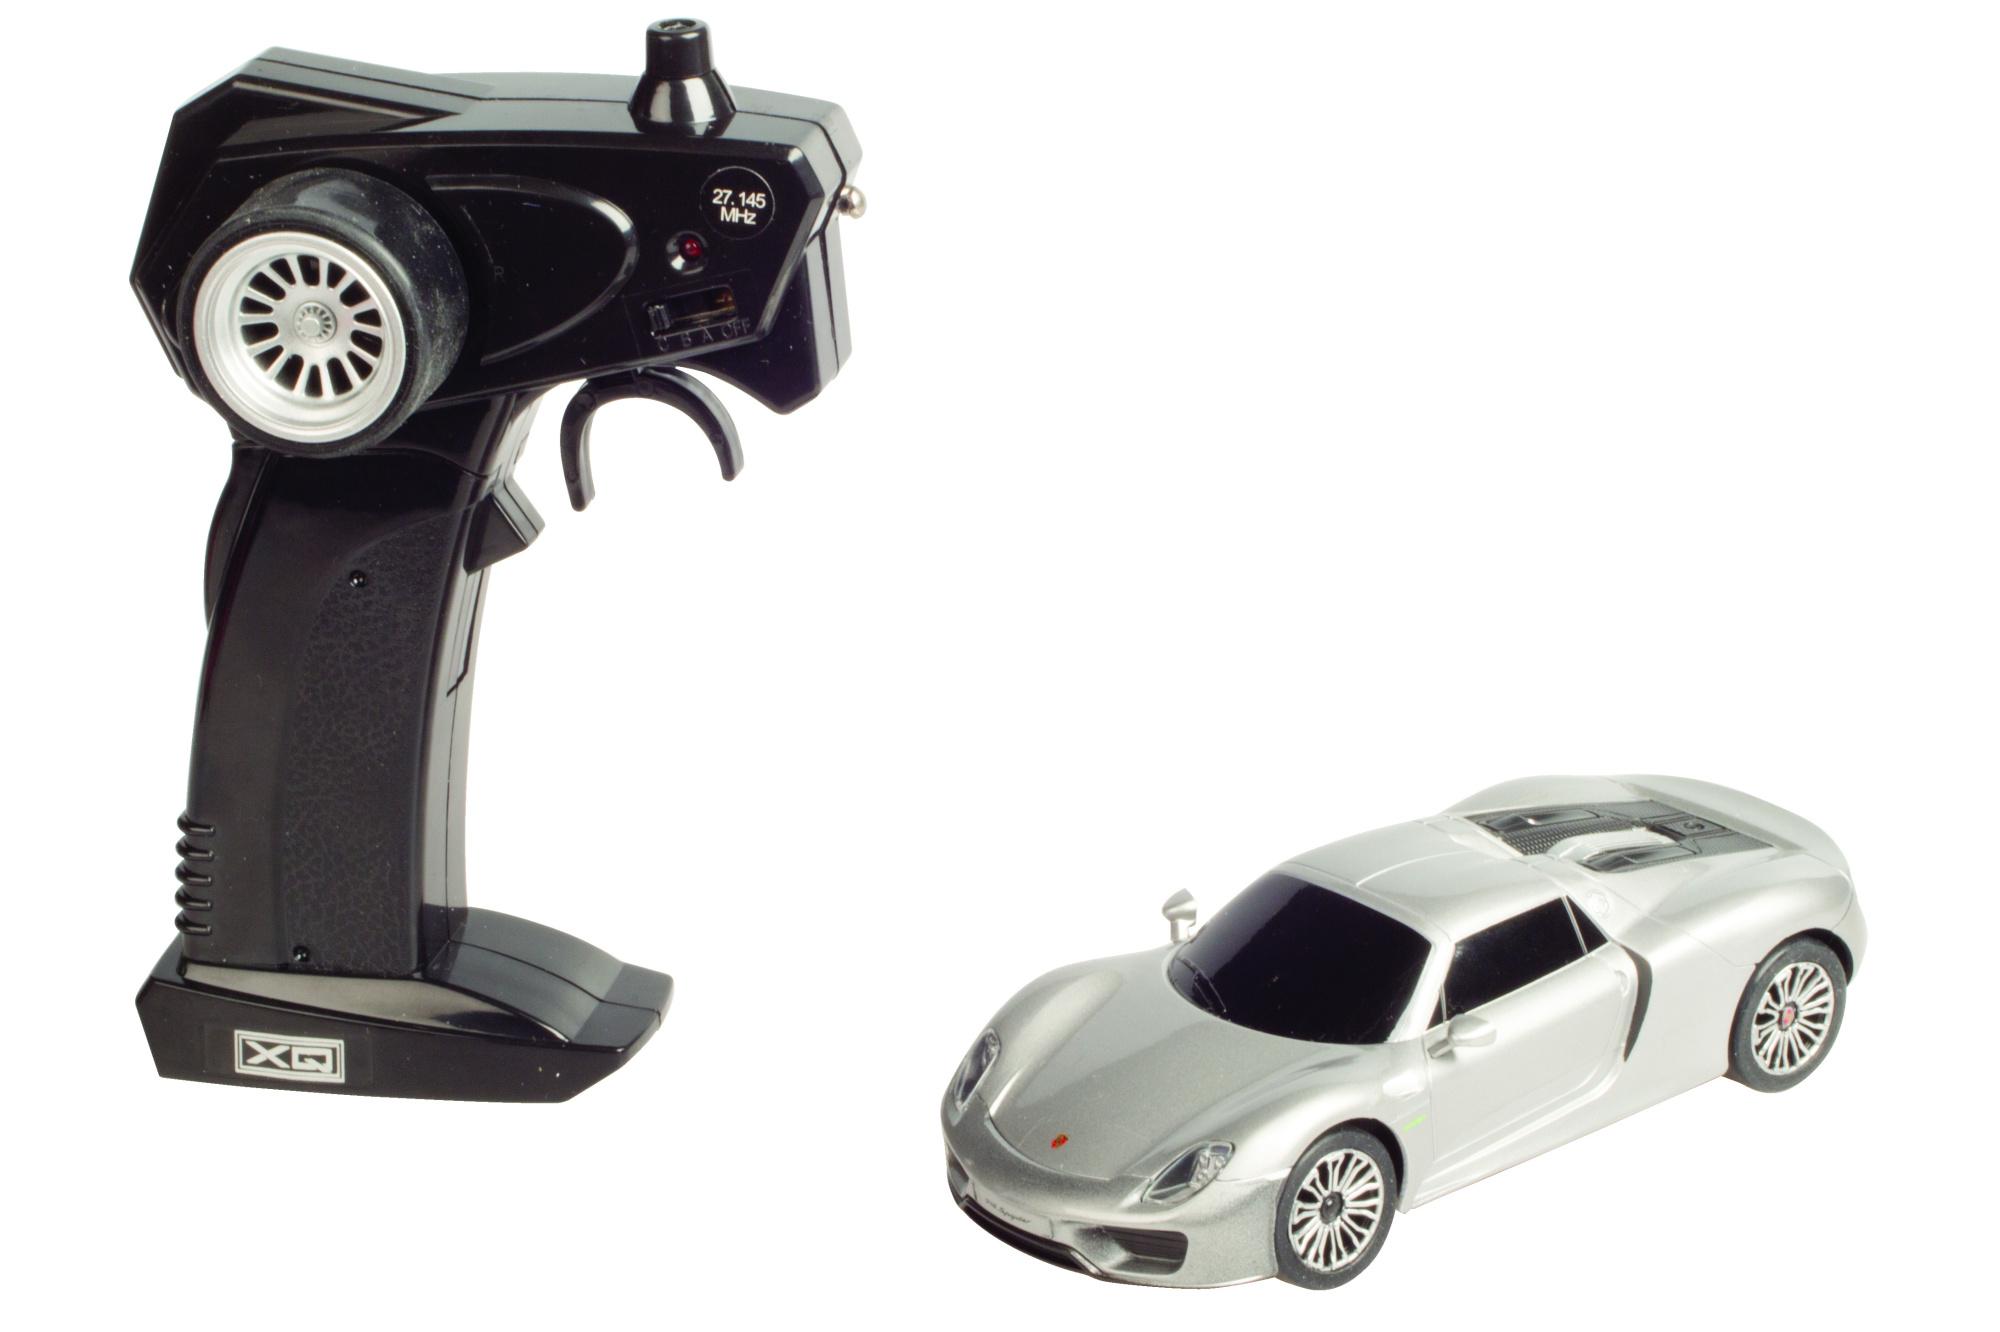 porsche 918 spyder 1 32 scale remote control car toy model ebay. Black Bedroom Furniture Sets. Home Design Ideas